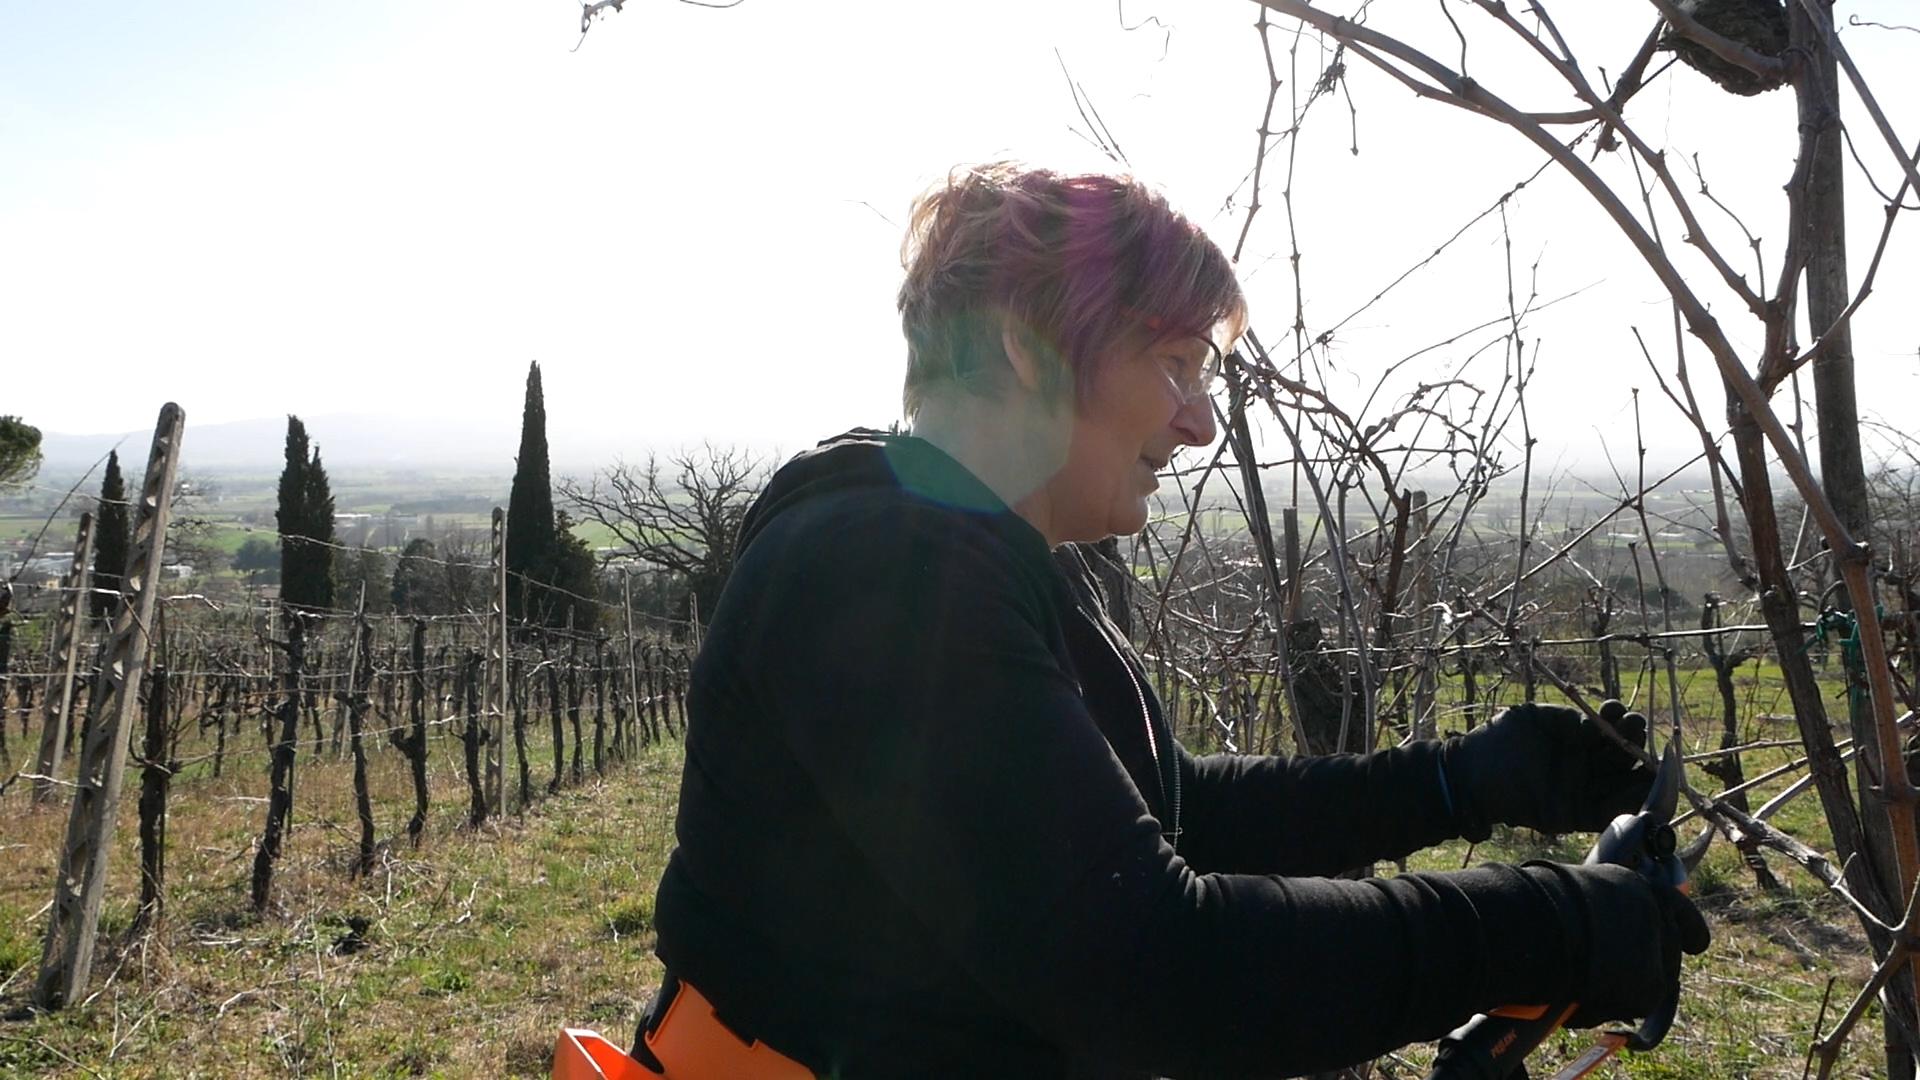 Esperienza sensoriale Assisi Tili Vini - Mastro potatore per un giorno 6